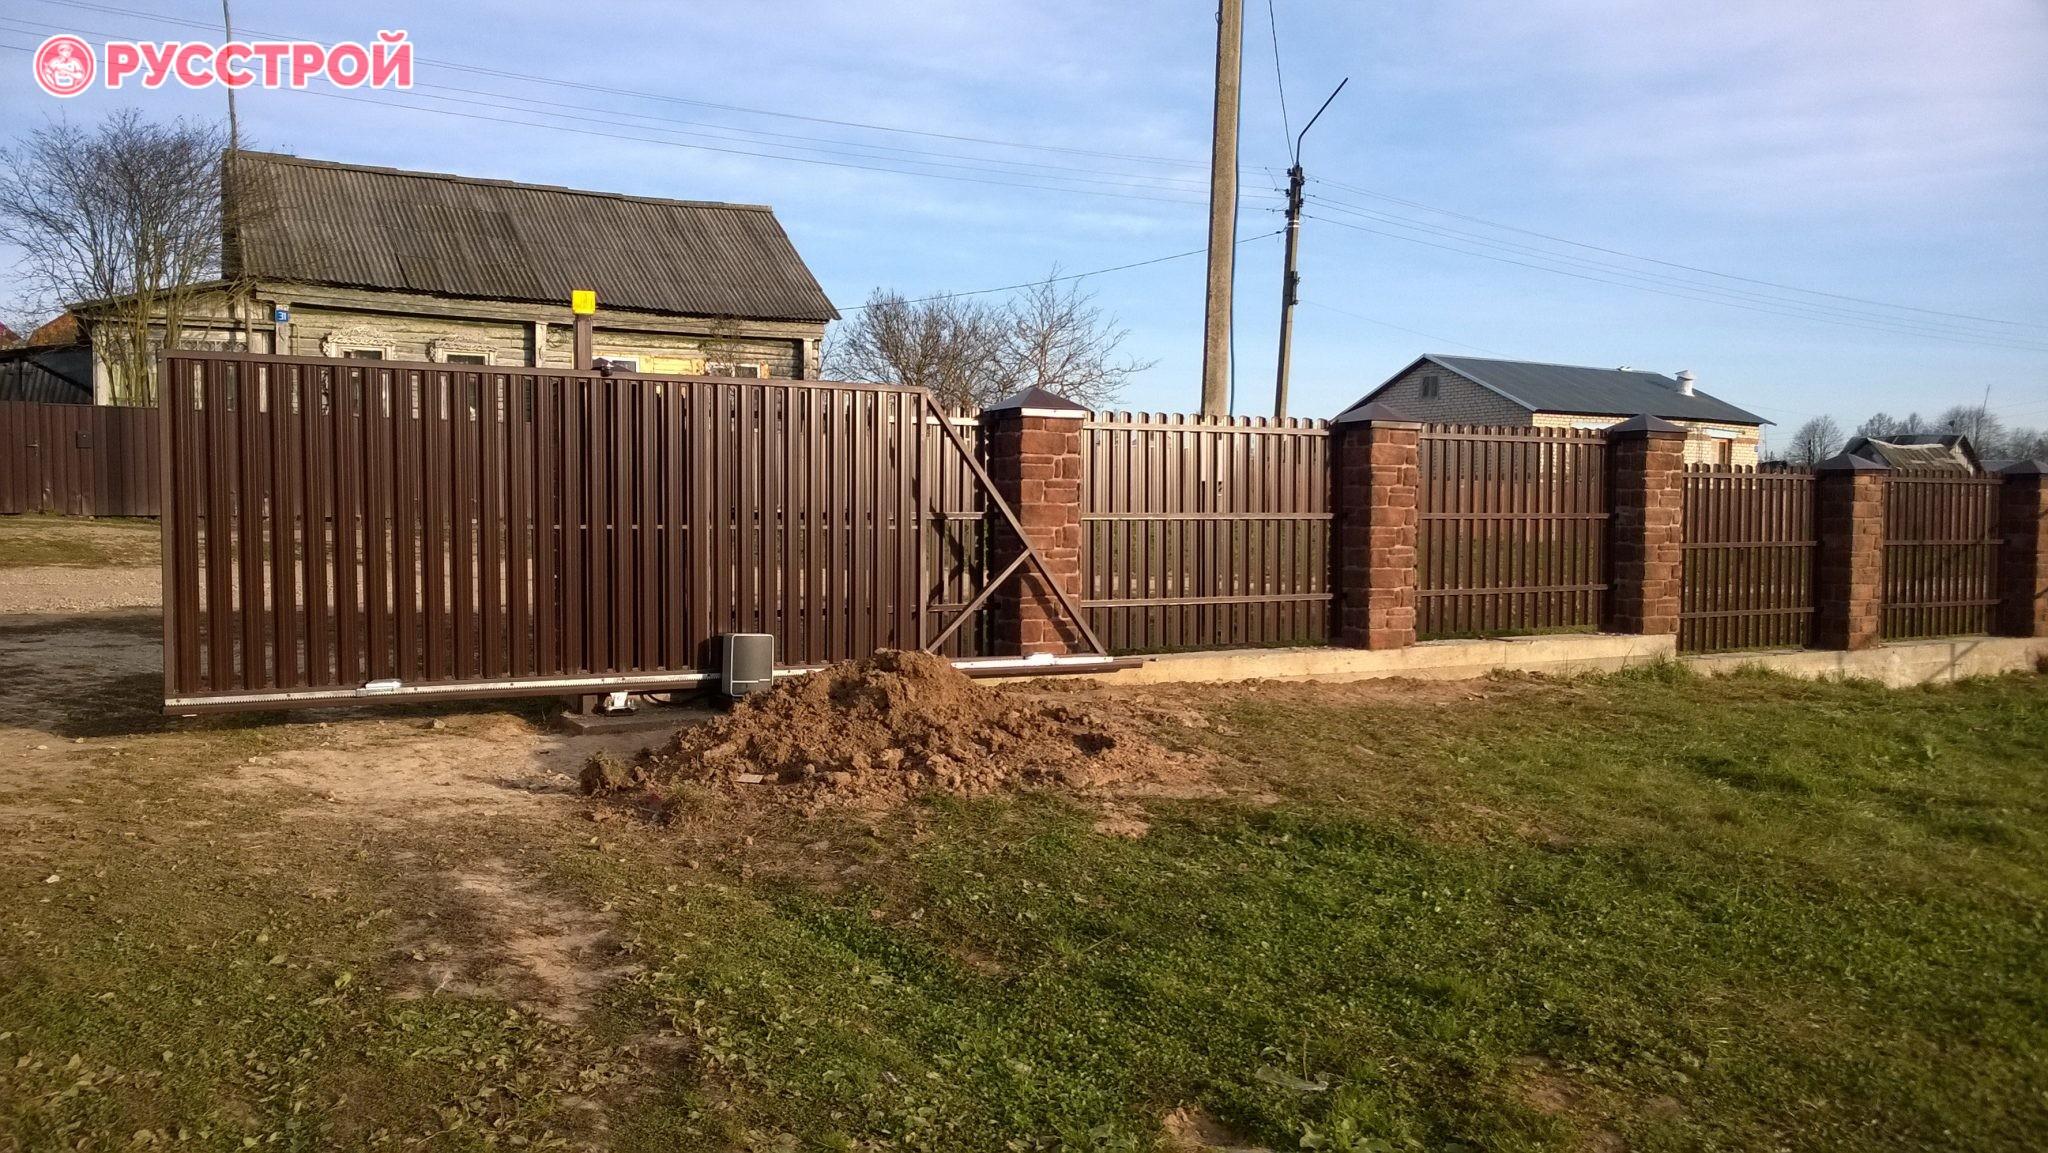 Автоматические ворота и забор